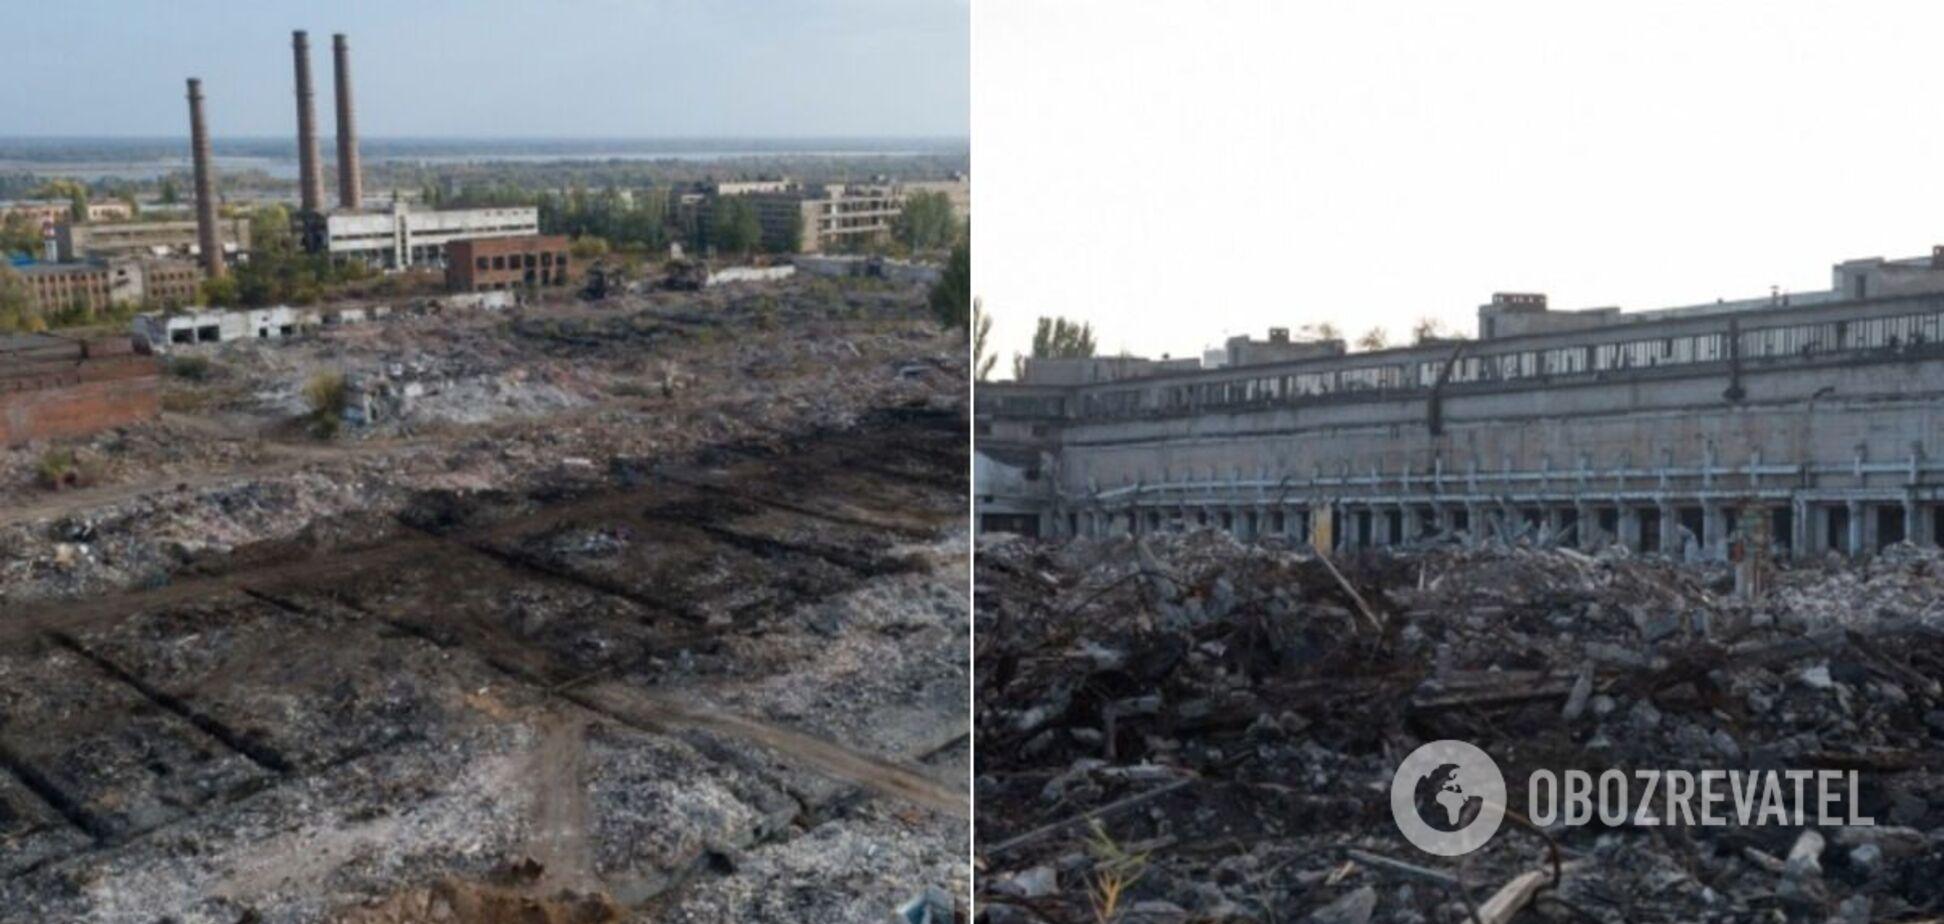 Зруйнований тракторний завод у Волгограді